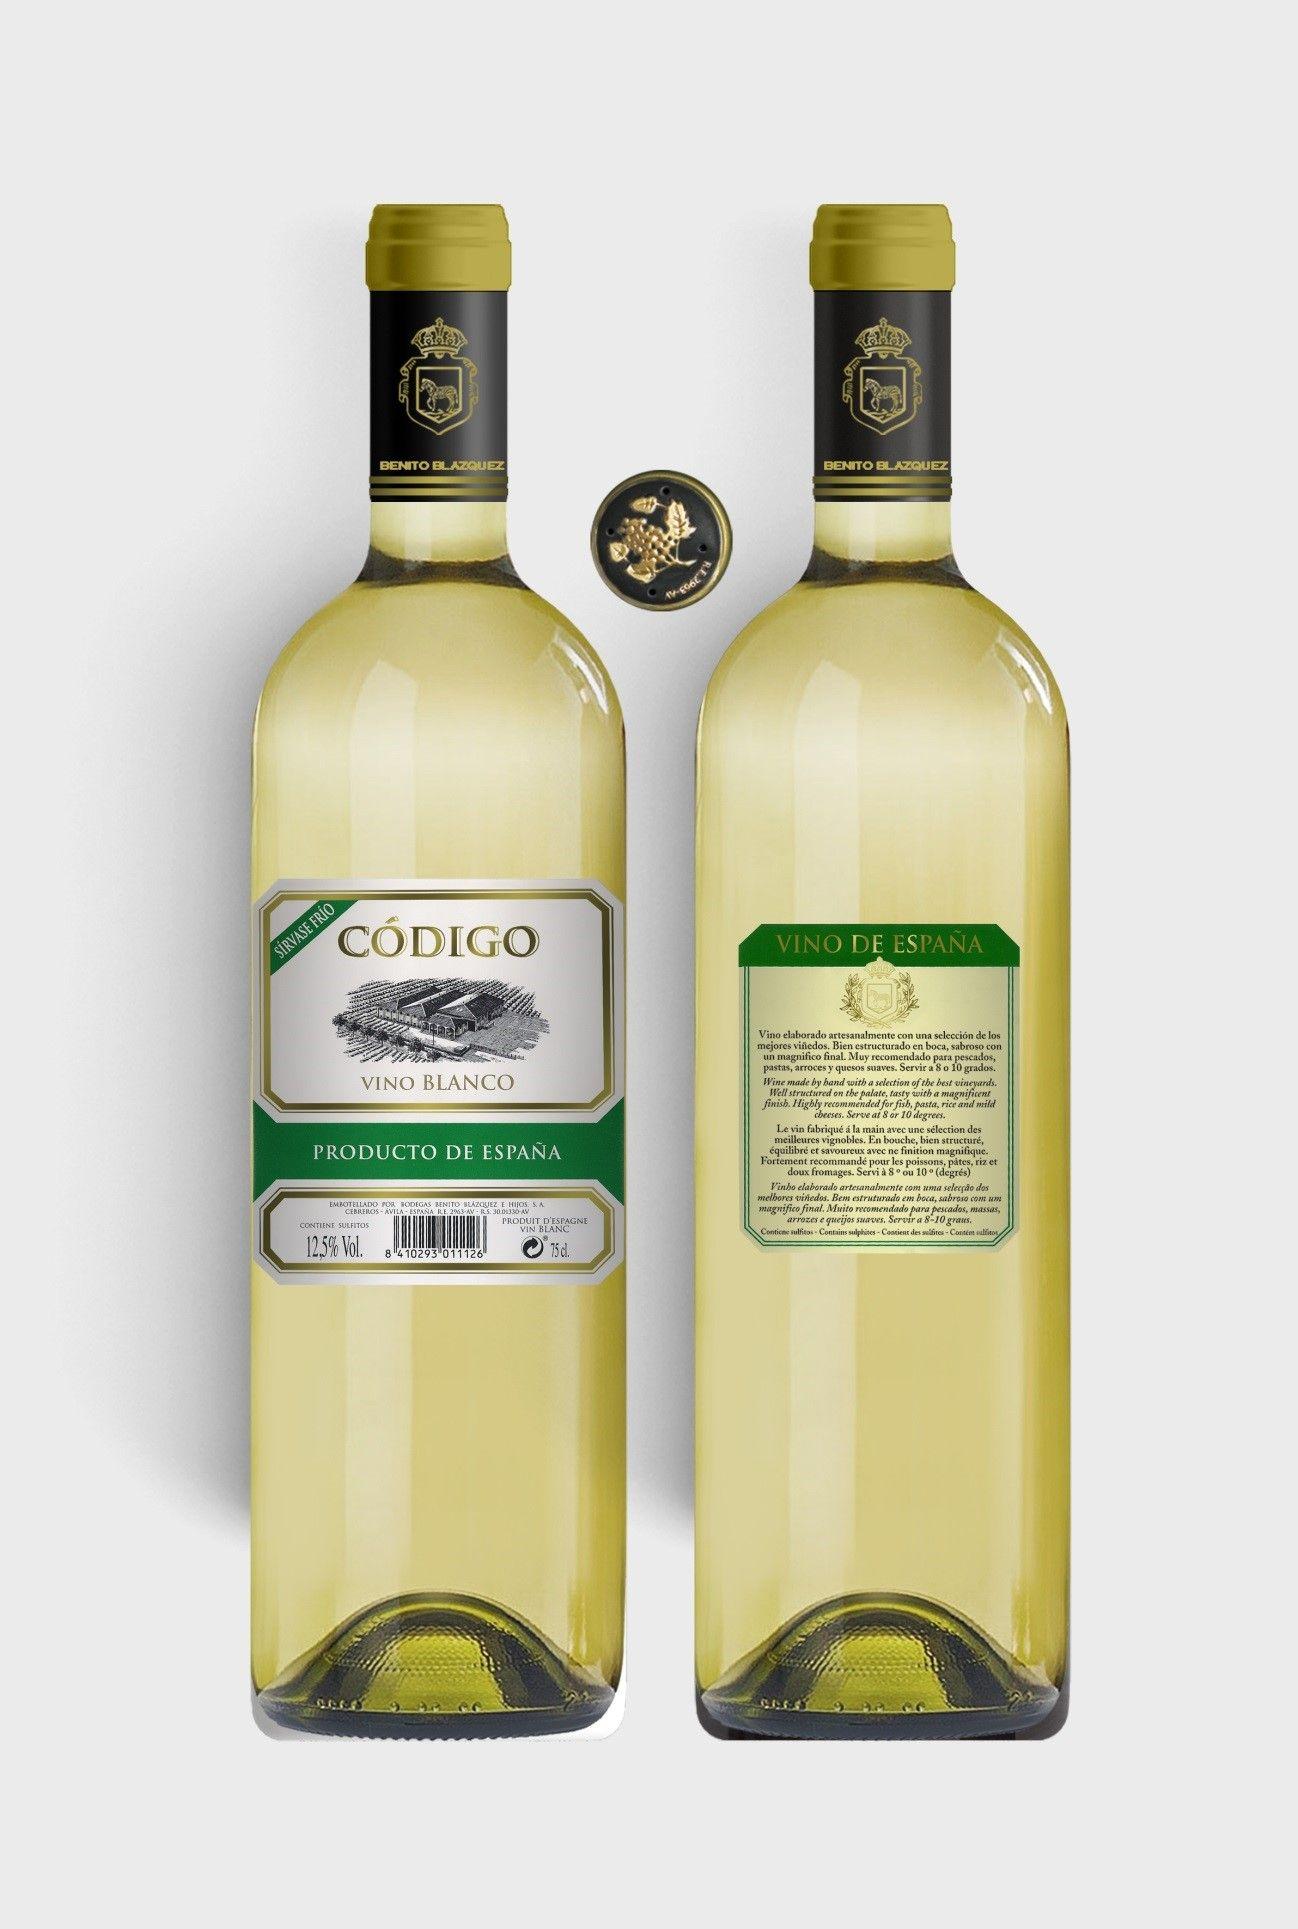 Benito Blázquez - Botella de Vino Blanco Código